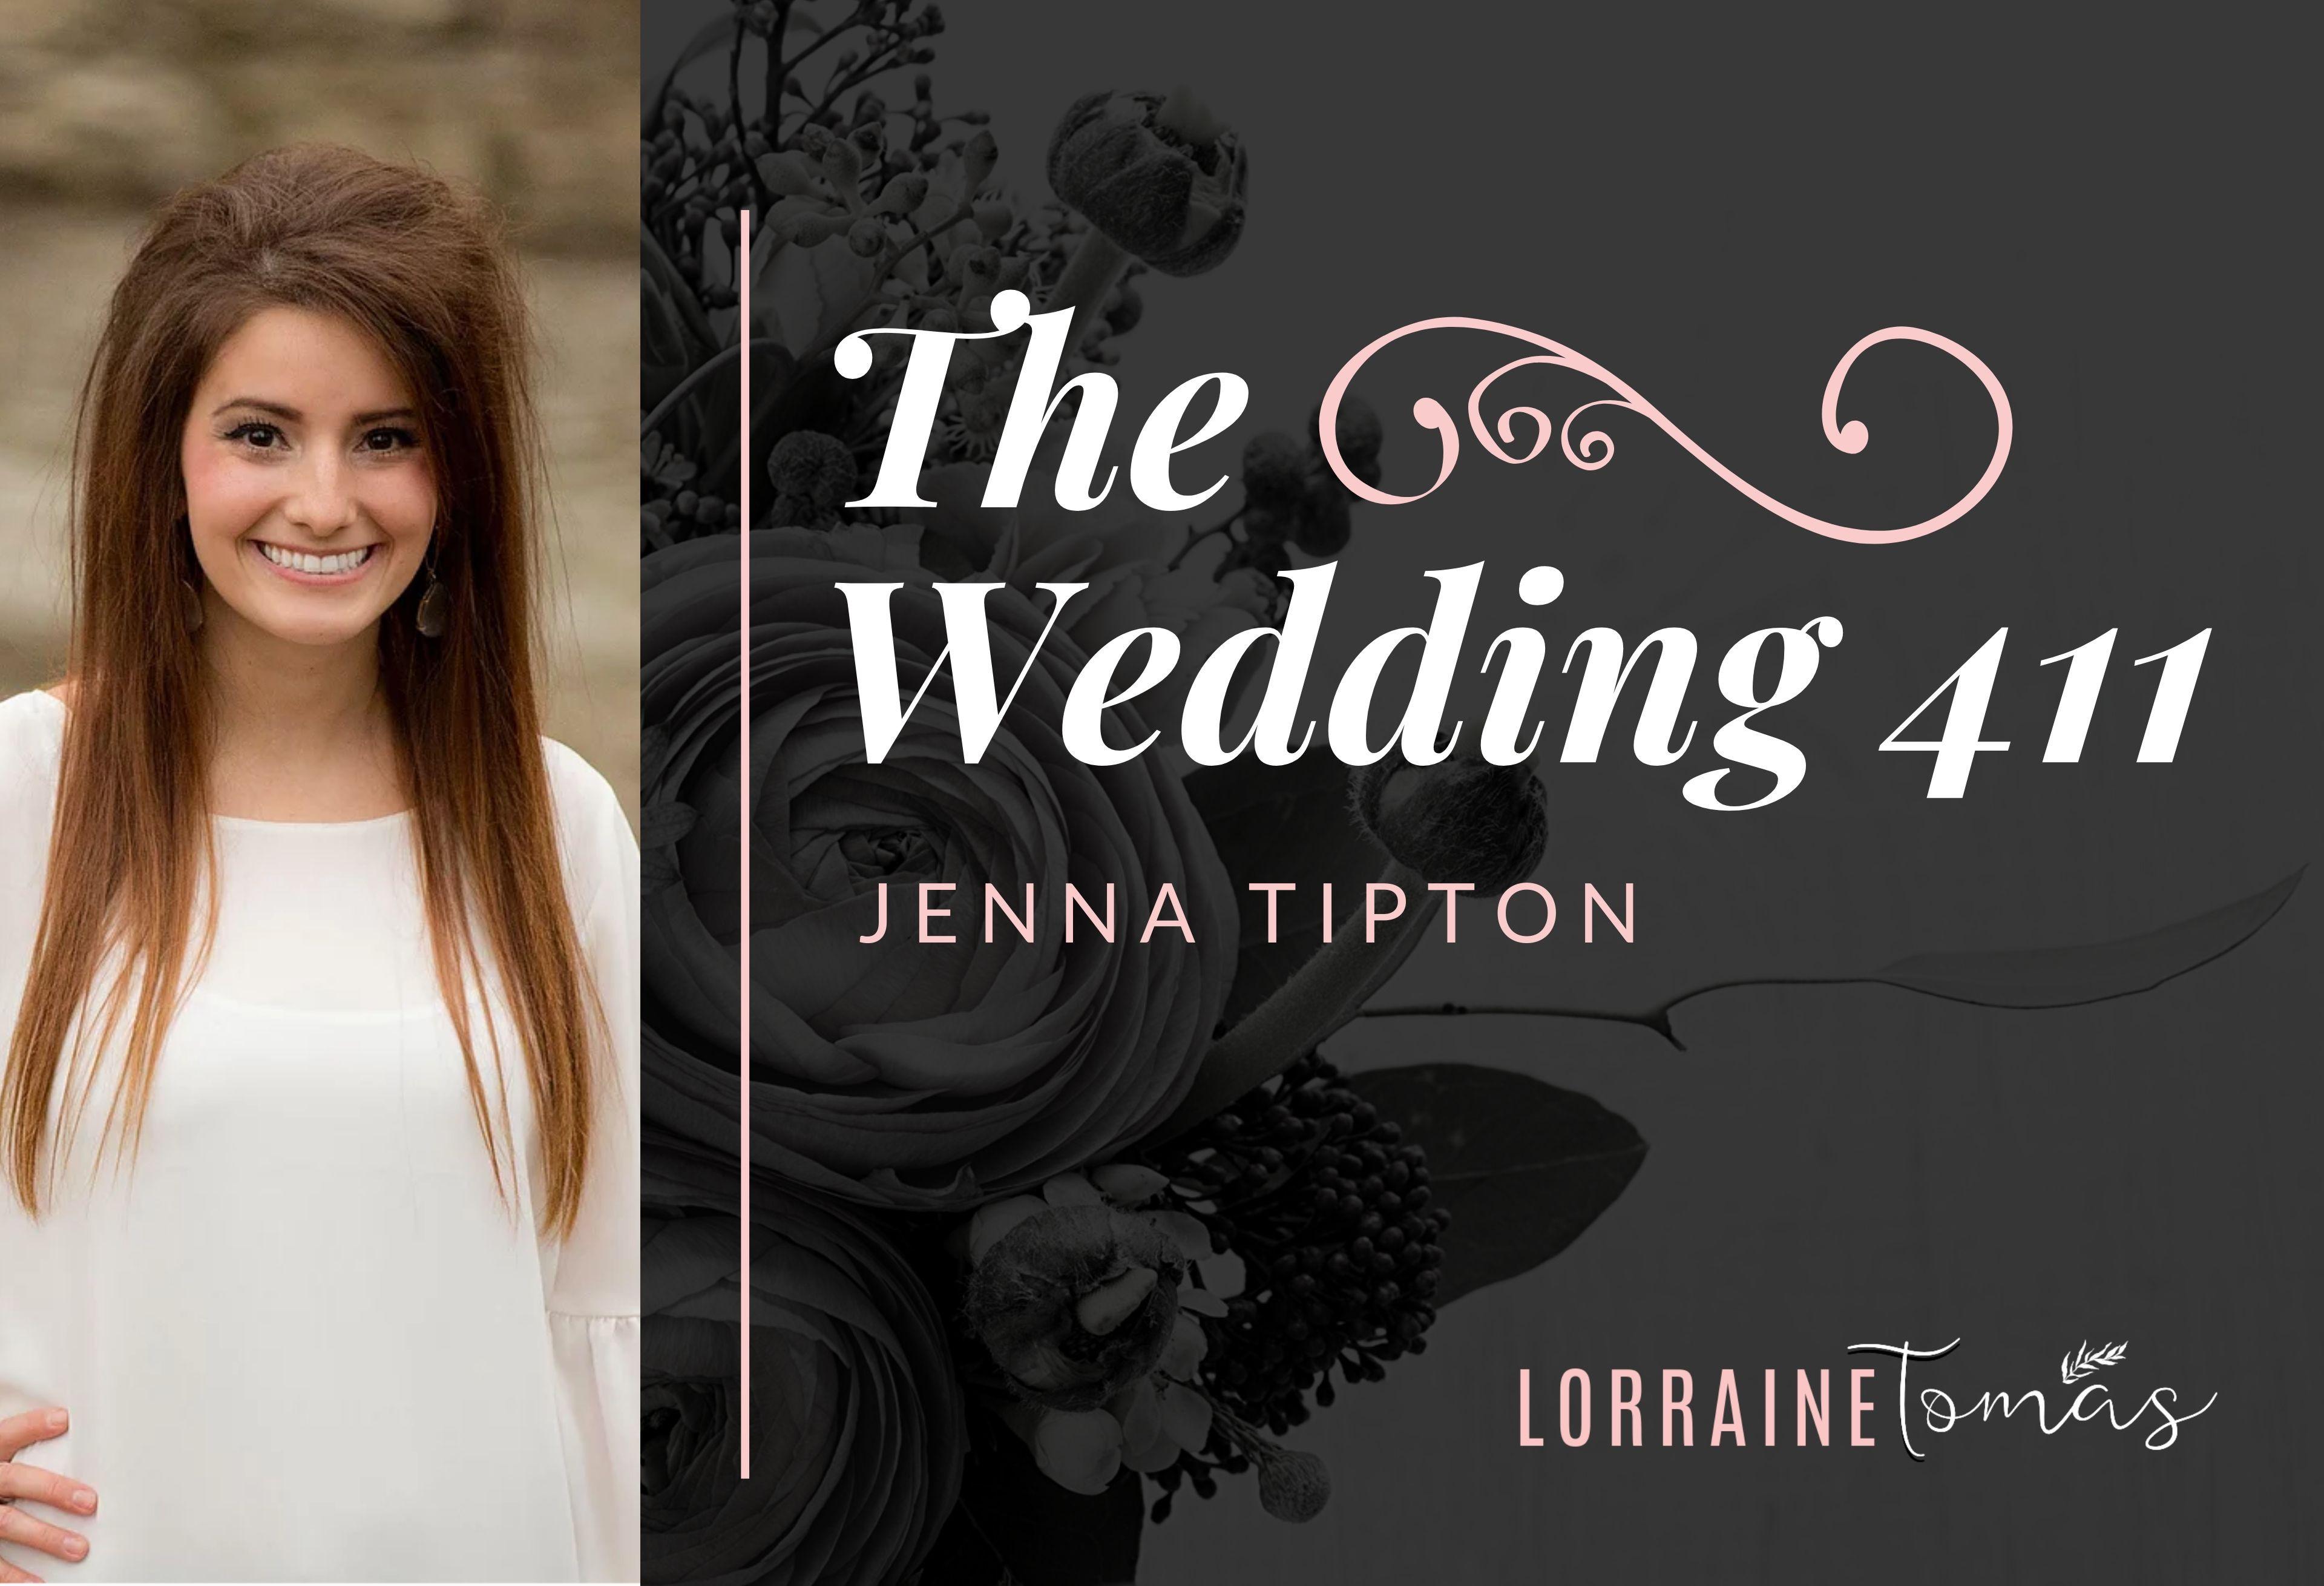 The Wedding 411 - Jenna Tipton